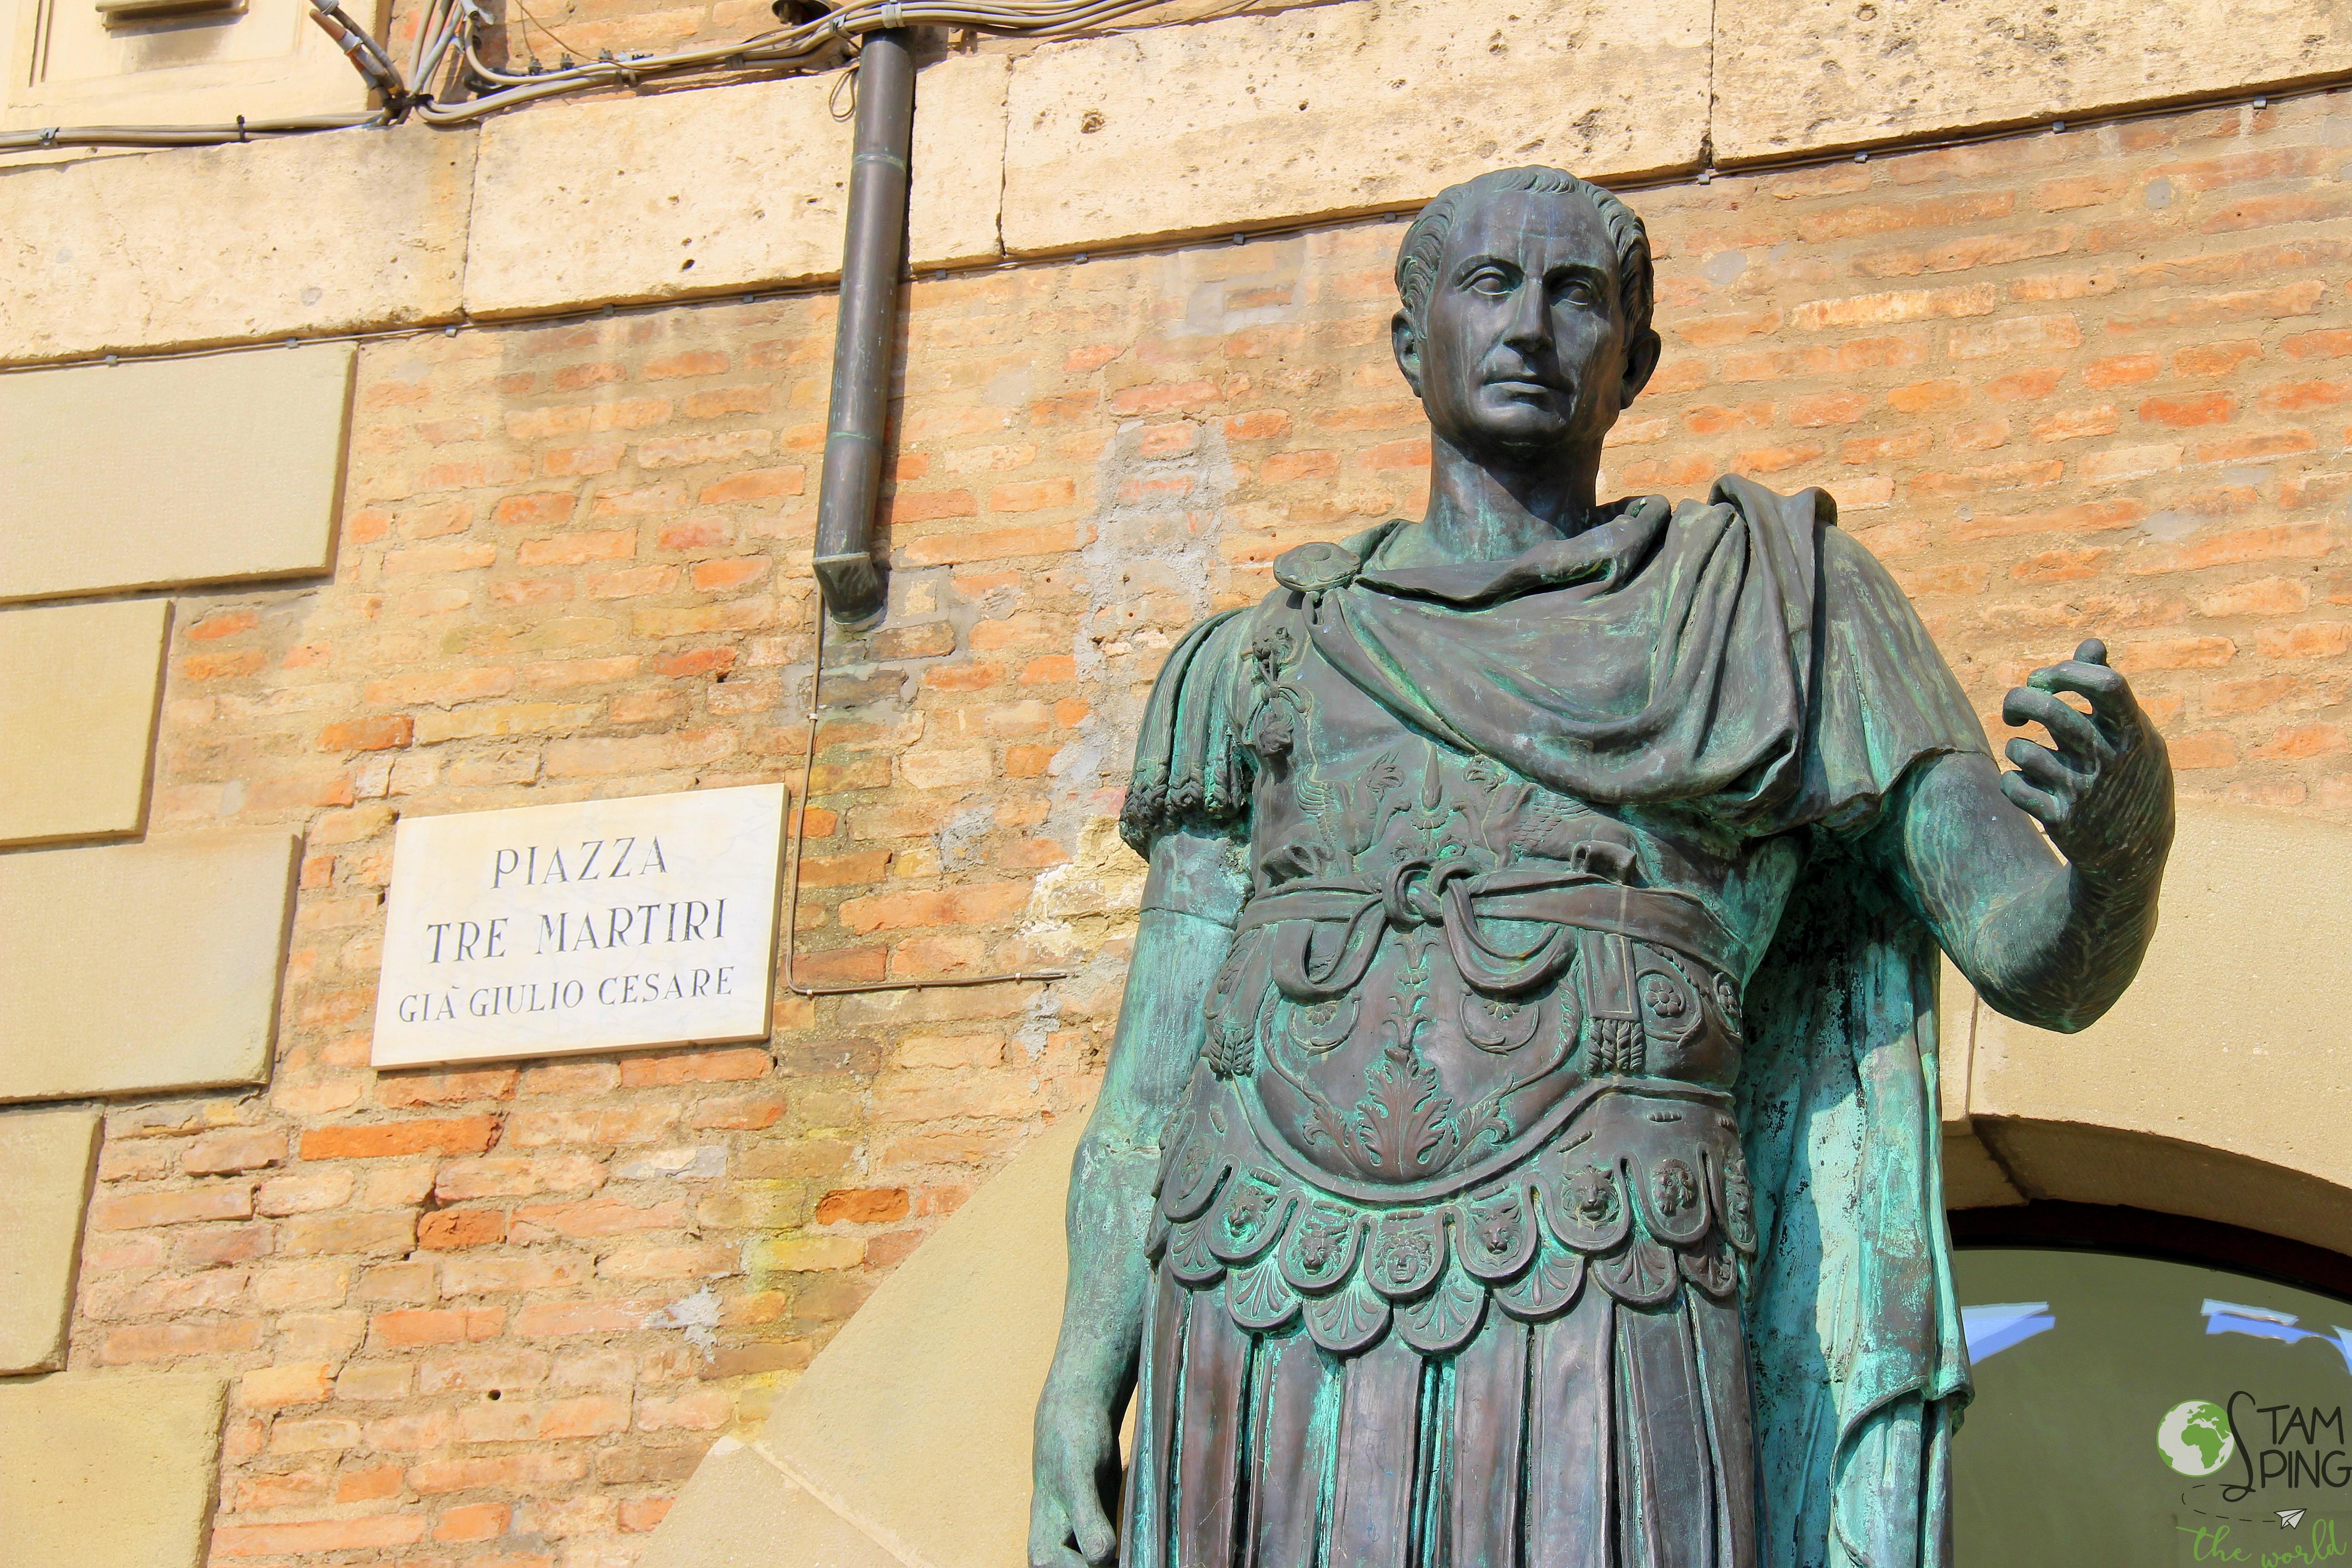 Giulio Cesare - Cosa vedere a Rimini